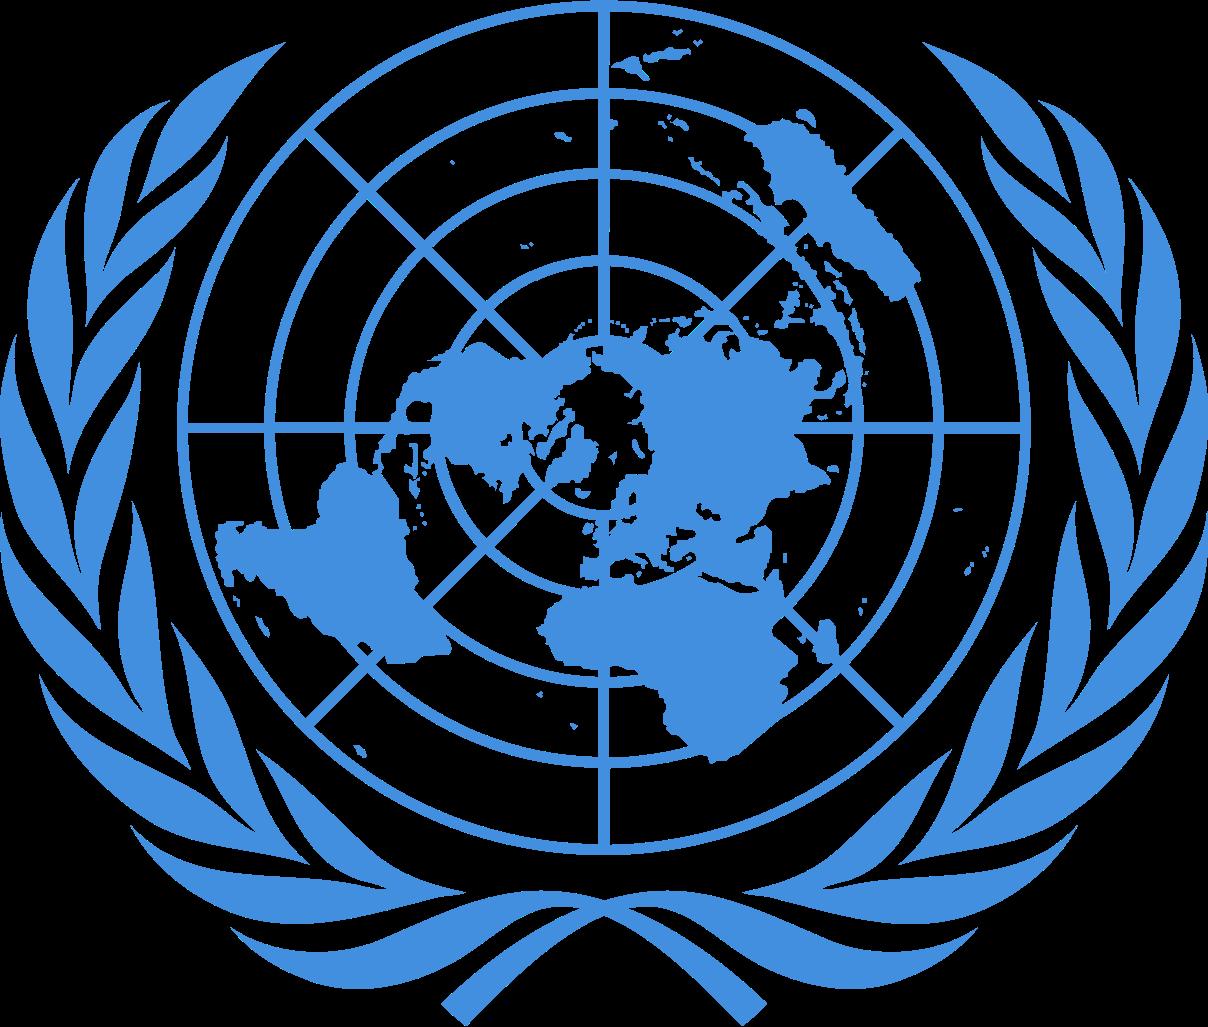 File:UN emblem blue.svg.